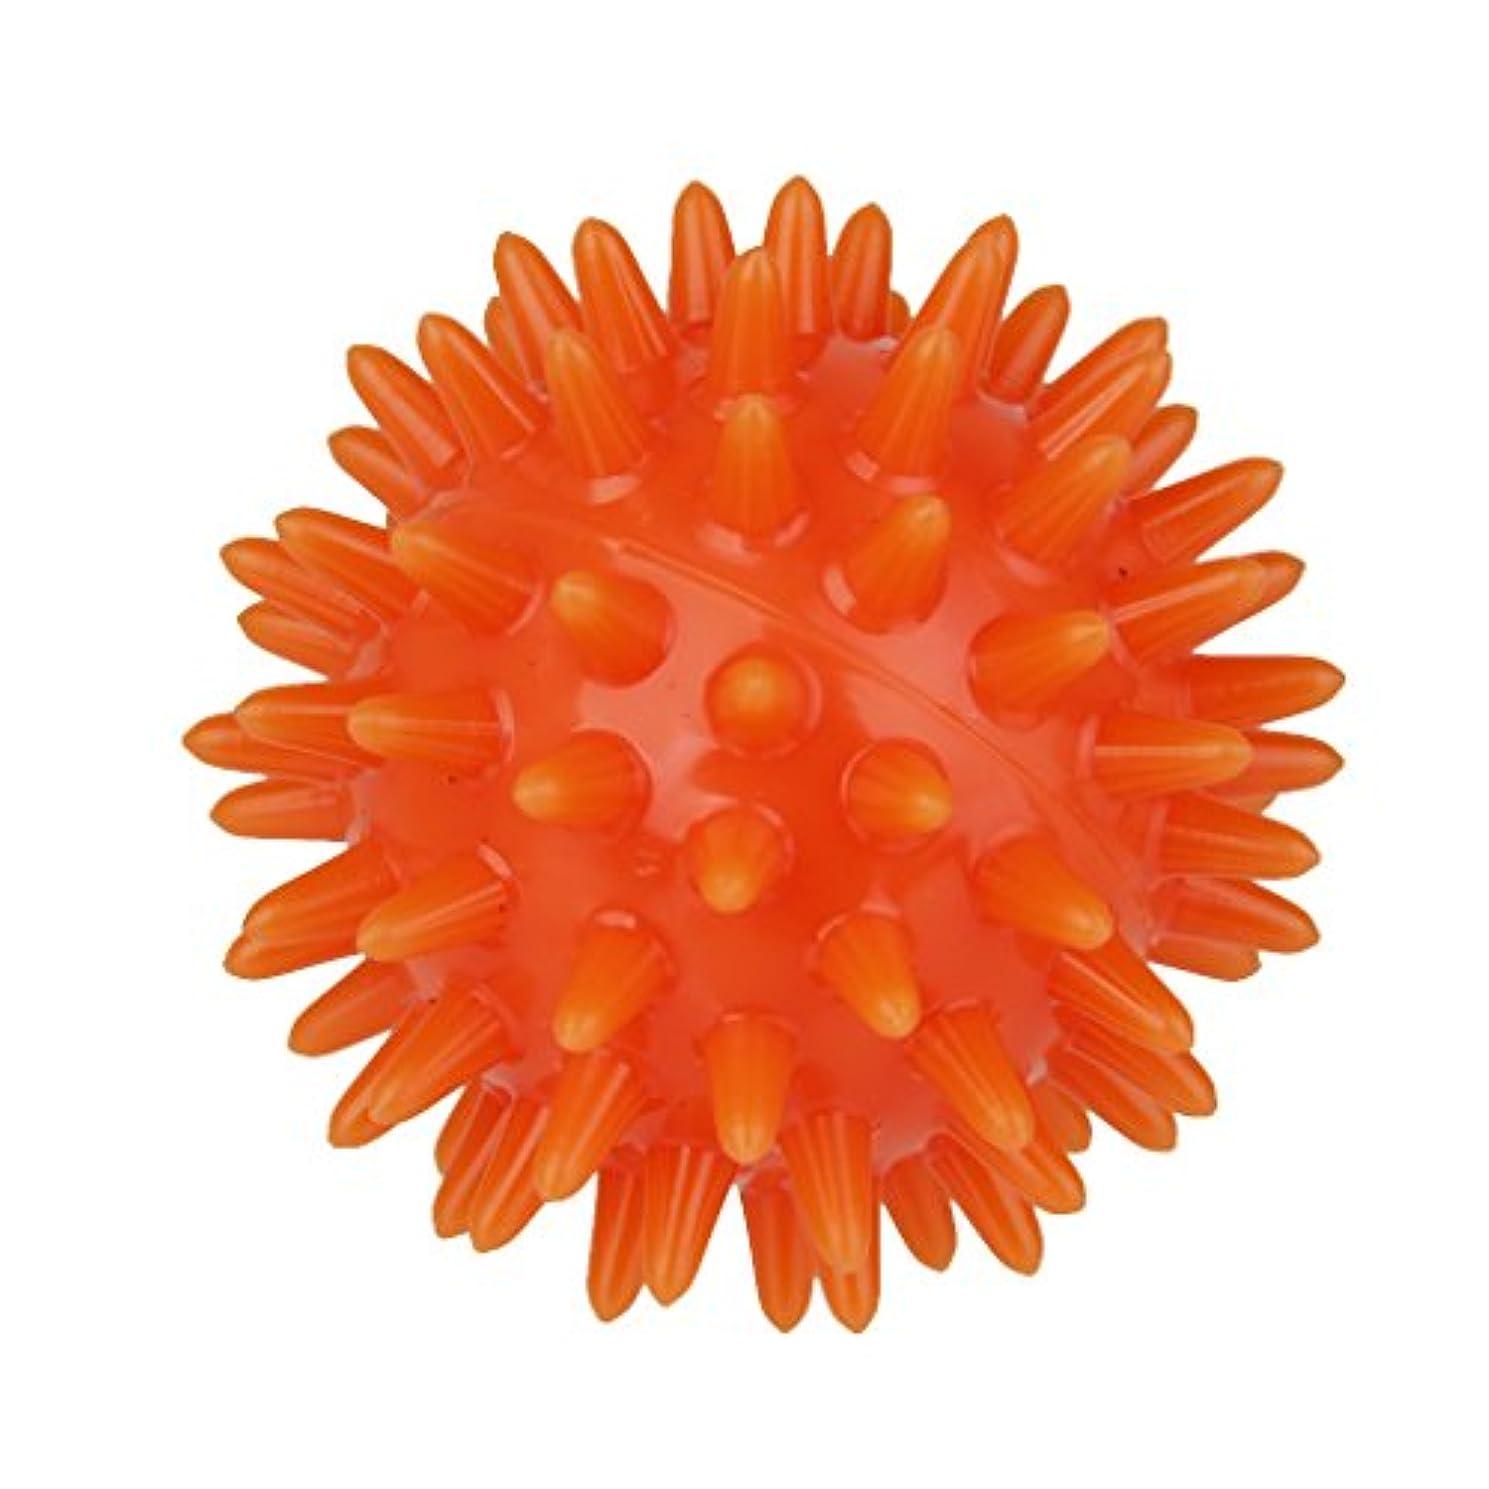 発信伴う部分Fenteer ソフト マッサージボール 手のひら 足 腕 首 背中 マッサージ 疲れ 緩和 オレンジ